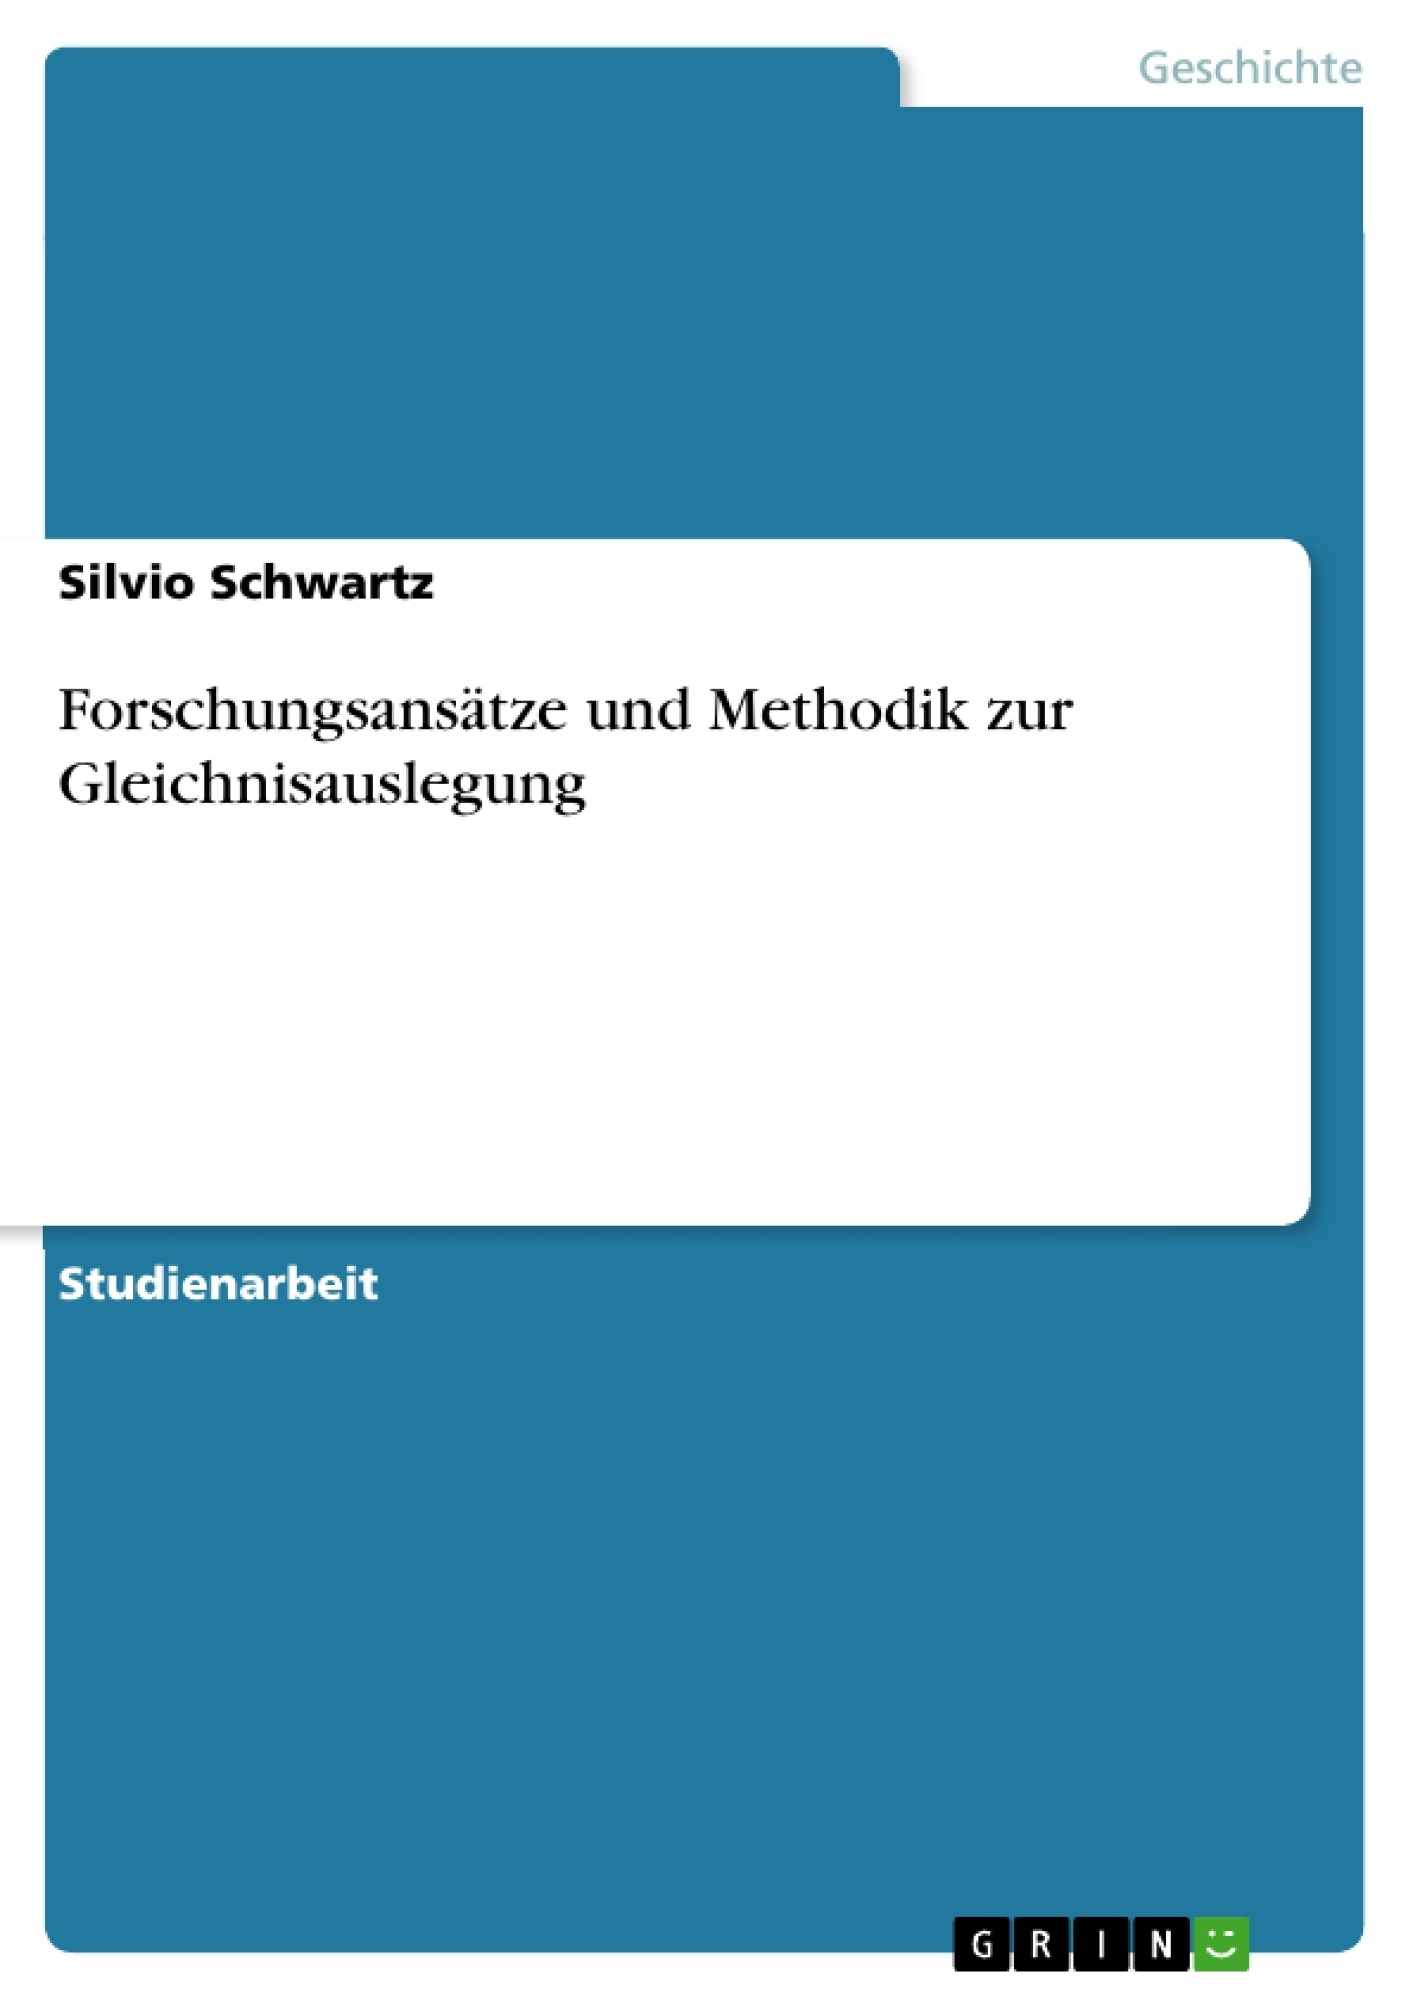 Titel: Forschungsansätze und Methodik zur Gleichnisauslegung